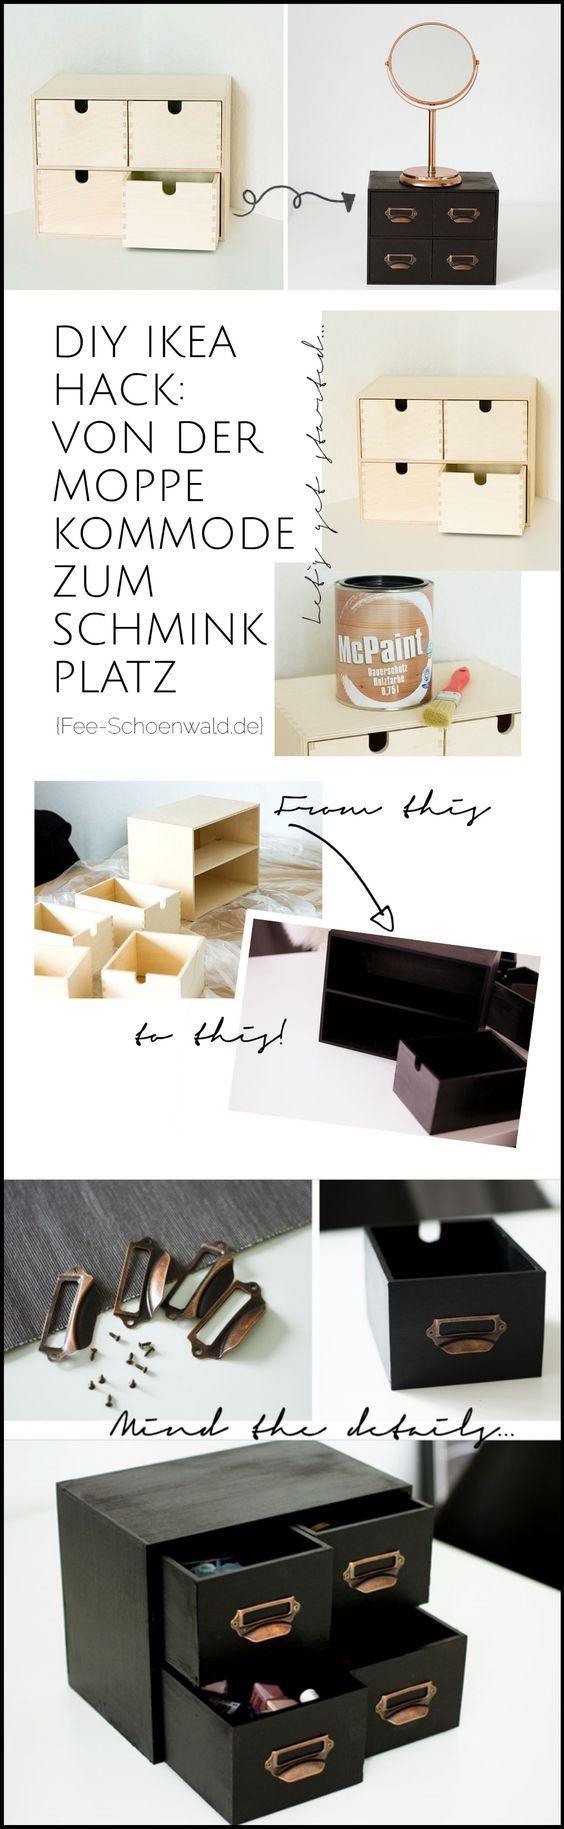 ikea upcycling hack diy schminkkommode von moppe ikea pinterest schminktische. Black Bedroom Furniture Sets. Home Design Ideas